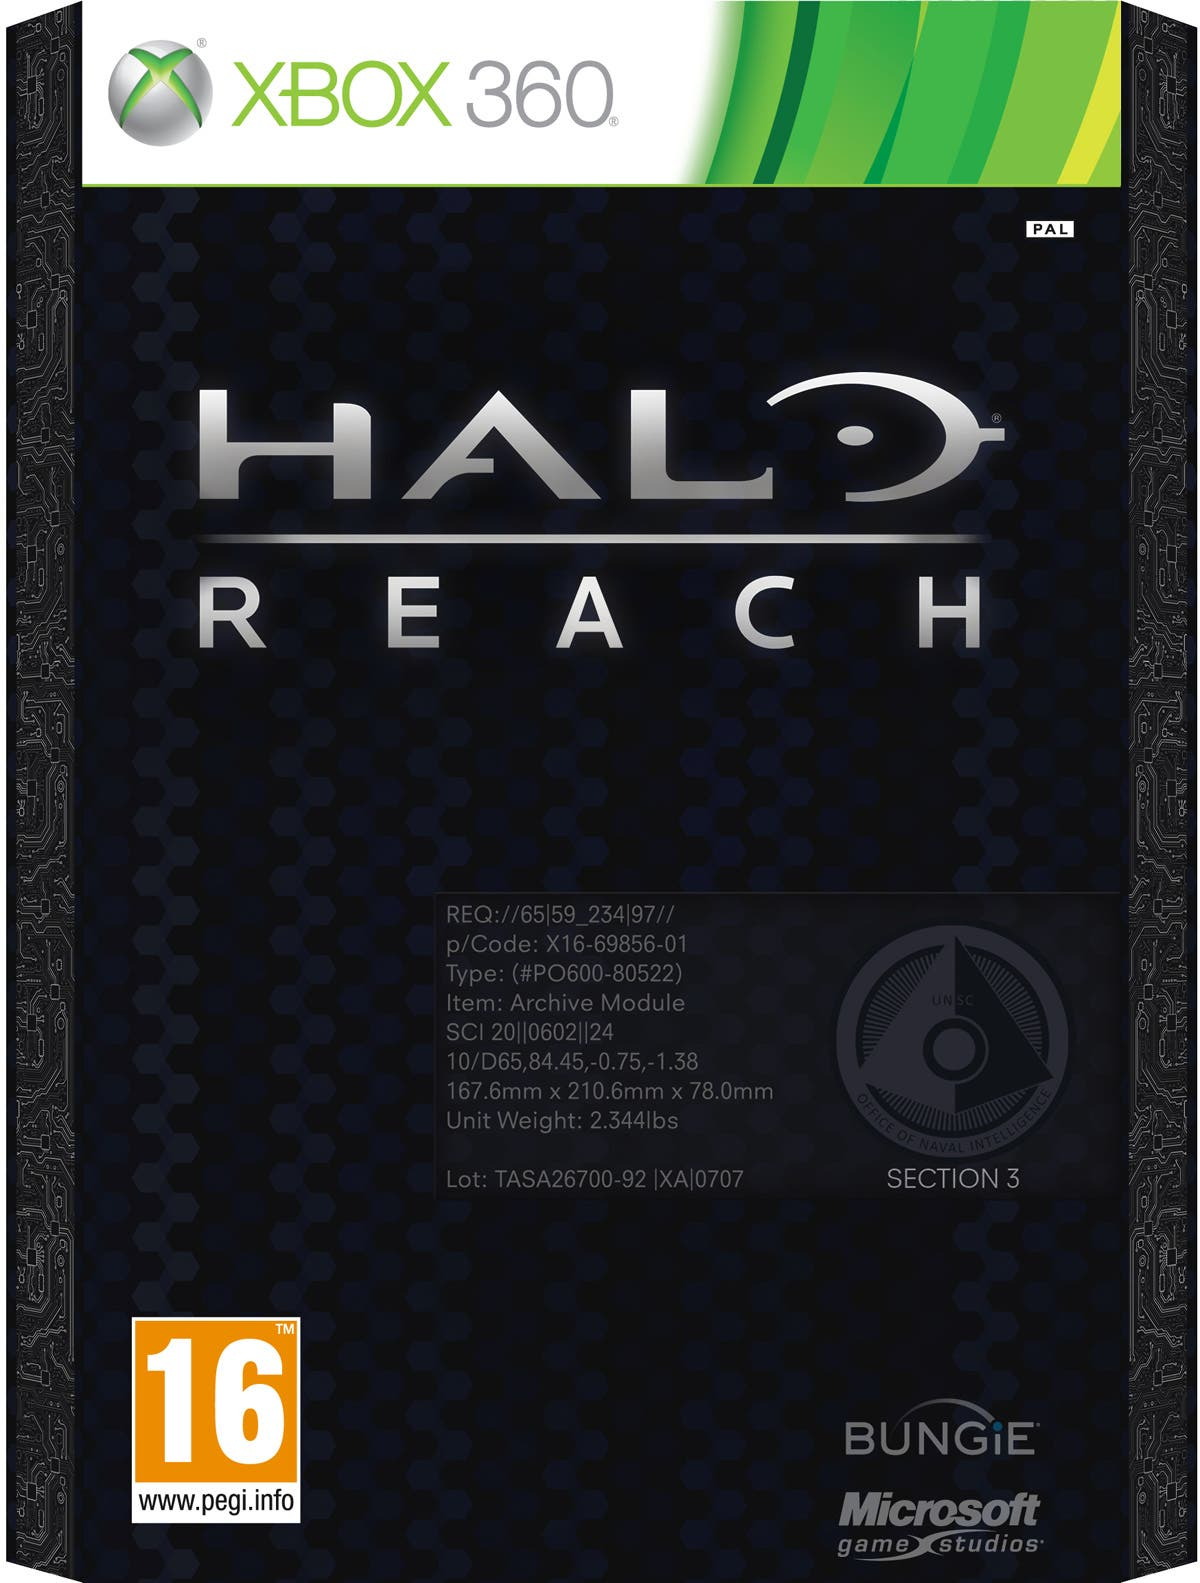 Edition Collector de Halo Reach (Limitée/Légendaire/Prestige/Jaquette/Pack/Vente/Prix/Unboxing/Achat/Fnac/Amazon/Buy/Coffret/EB Games/Micromania/Contenu) - Page 2 Reachbox2